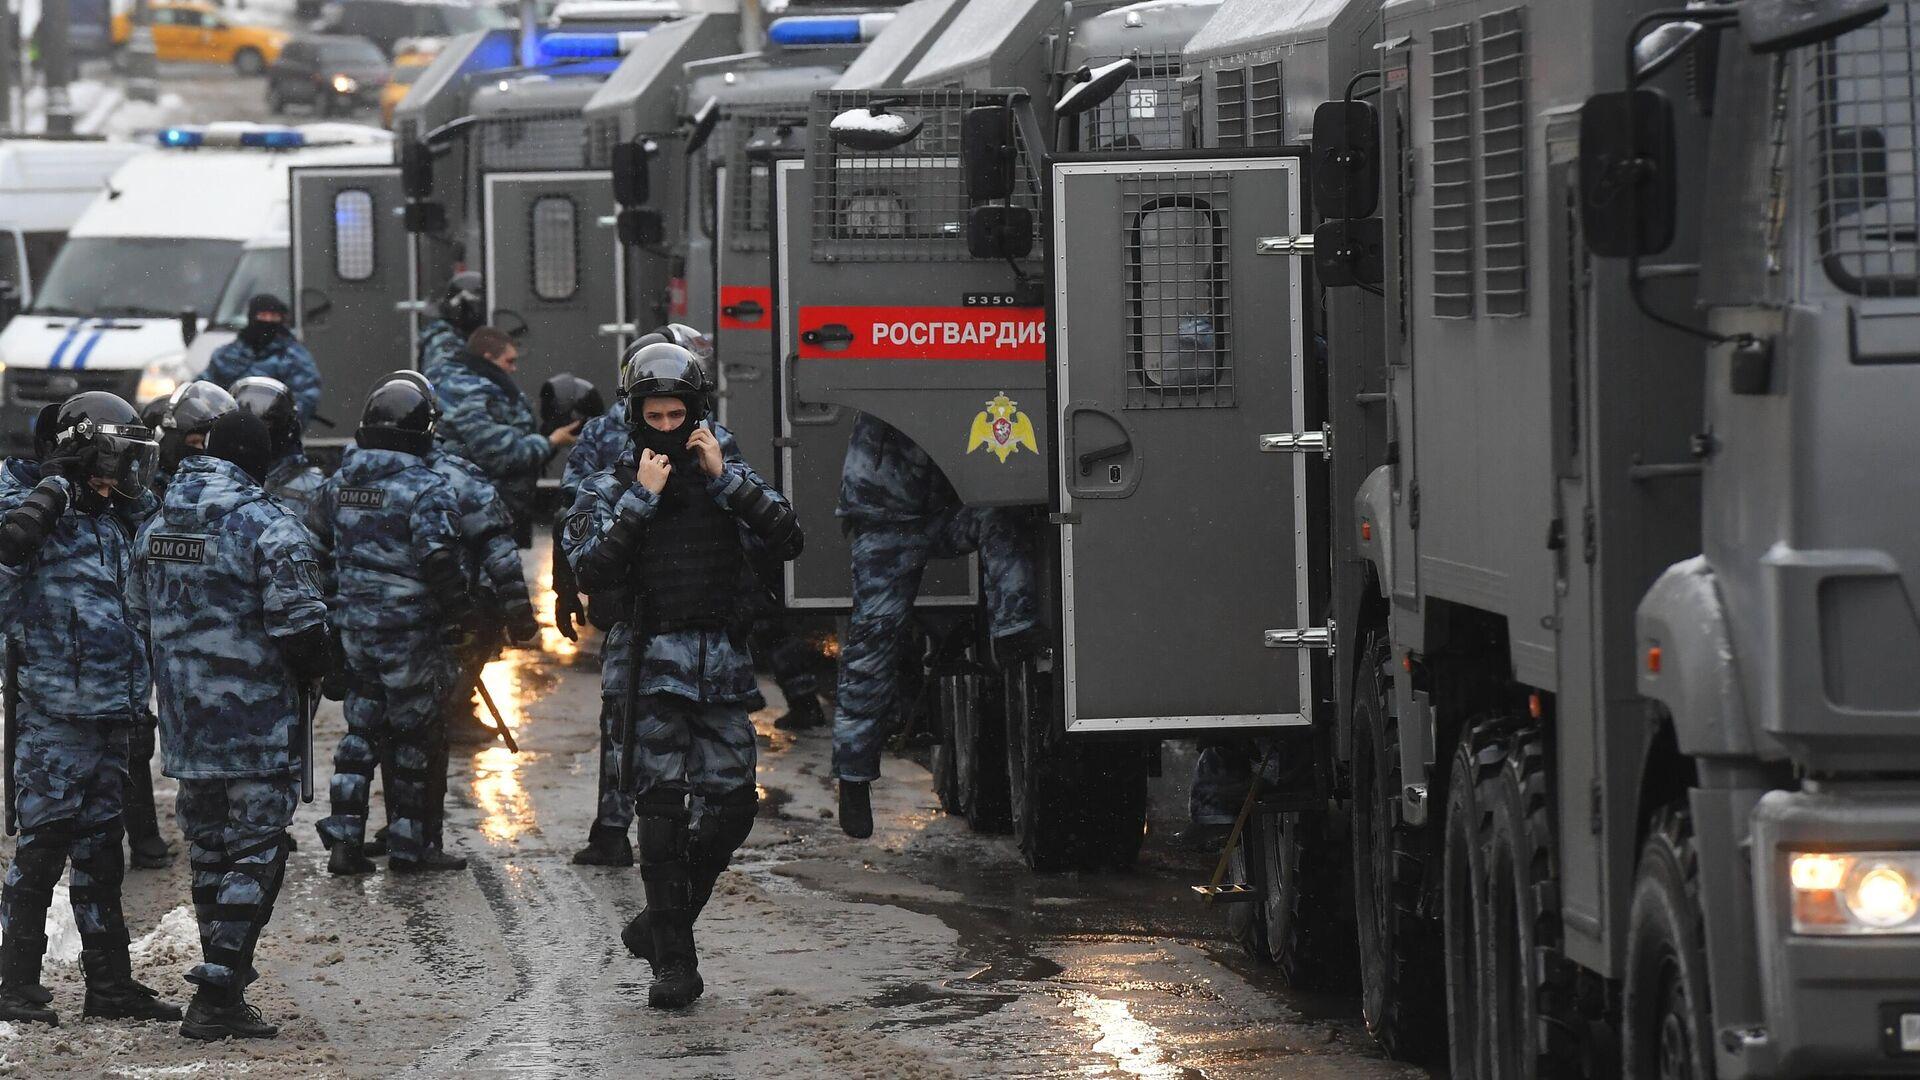 Сотрудники правоохранительных органов во время несанкционированной акции сторонников в Москве - РИА Новости, 1920, 08.02.2021